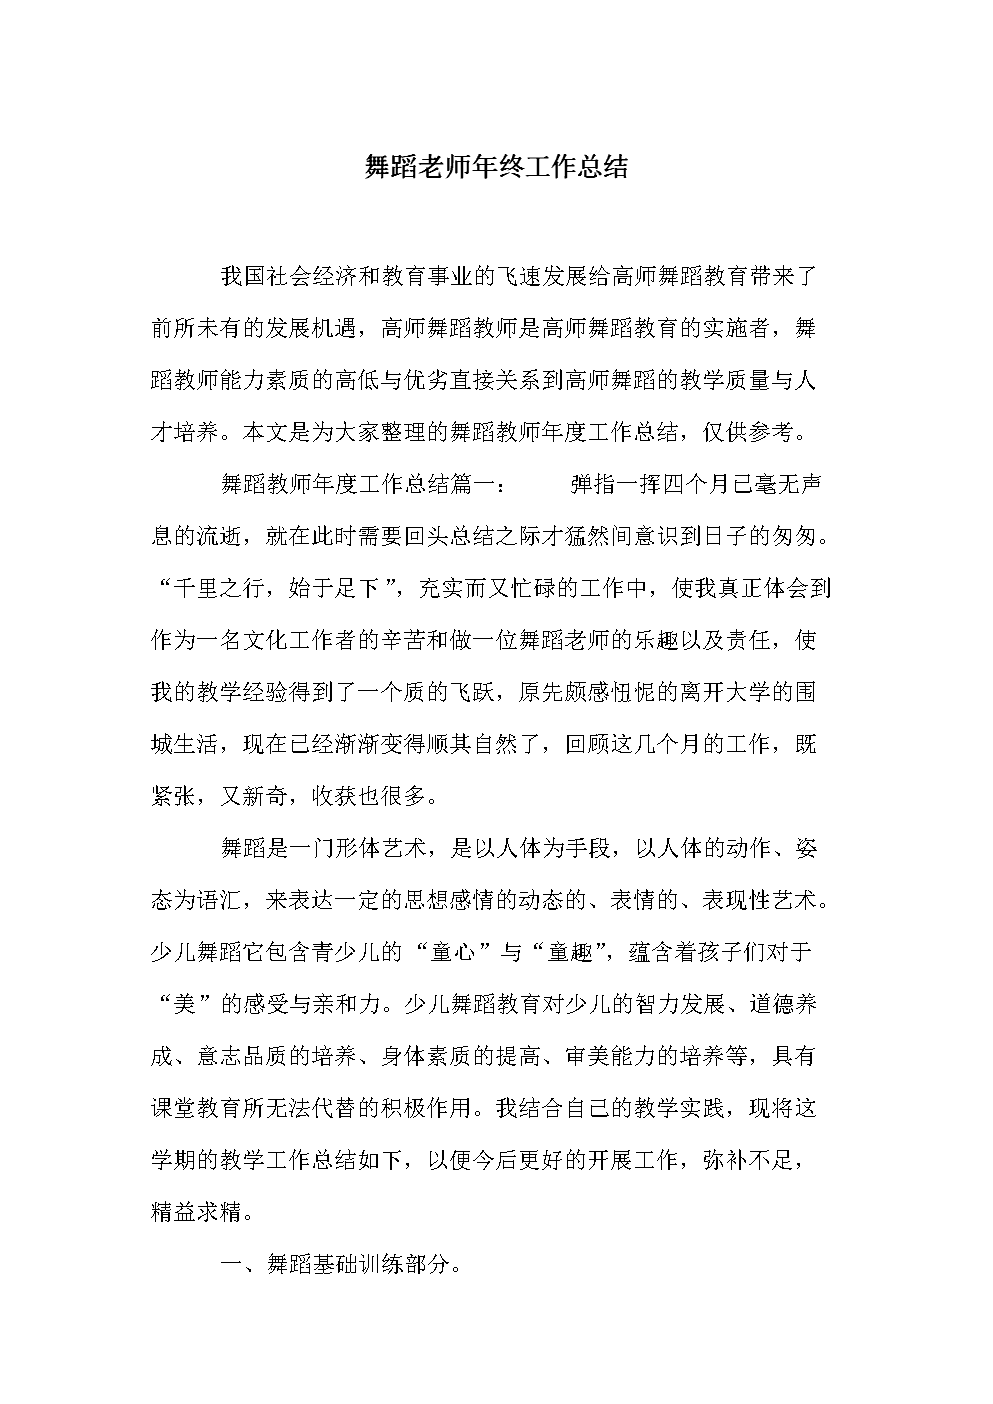 舞蹈老师年终工作总结_0.doc